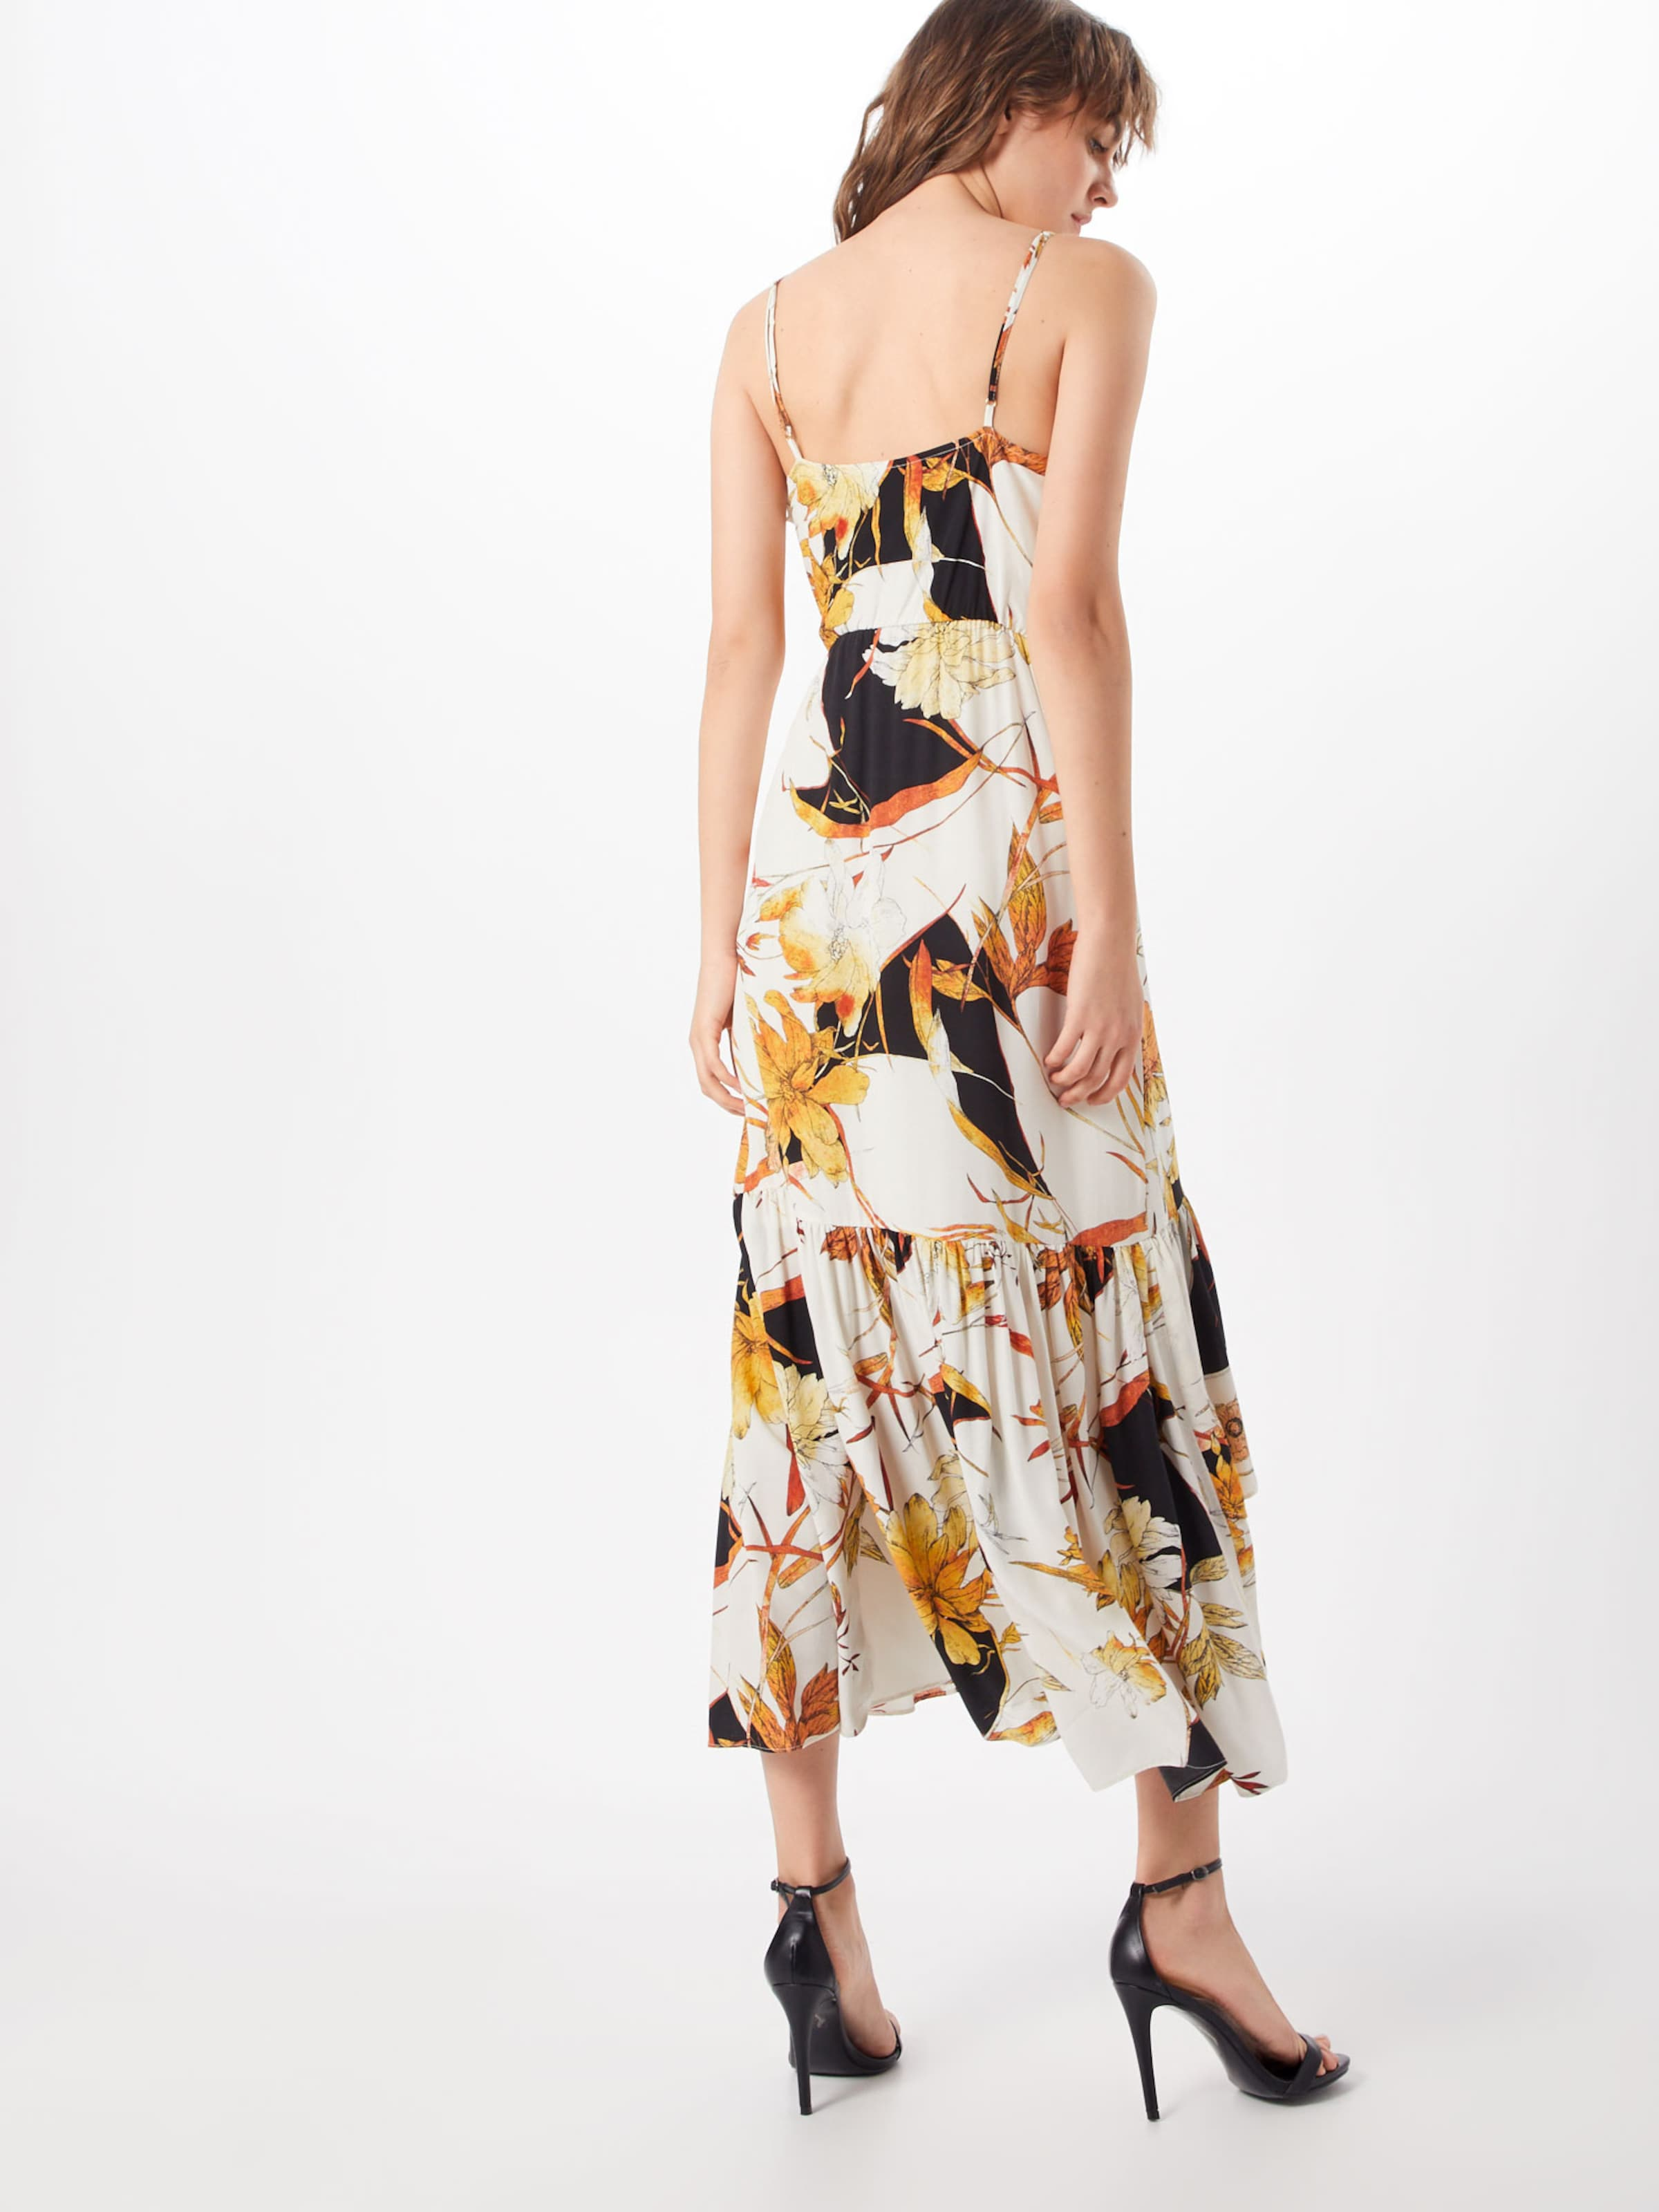 Dress' DamenKleider Gestuz Creme 'abelinegz In uTOPkXiZ